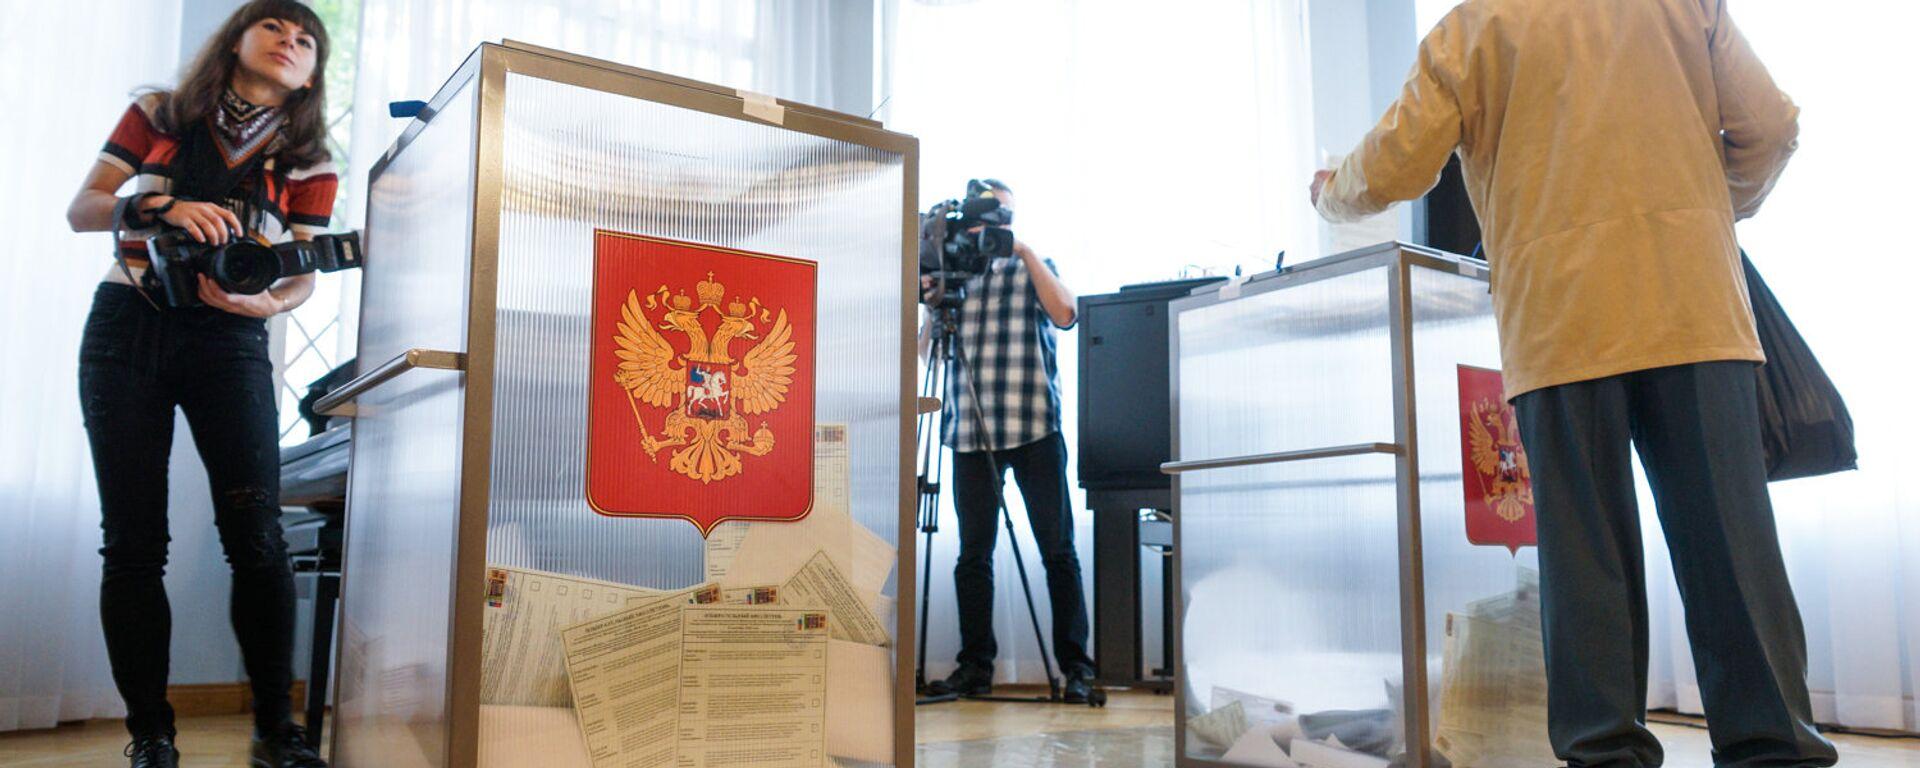 На избирательном участке в Посольстве России - Sputnik Latvija, 1920, 07.08.2021